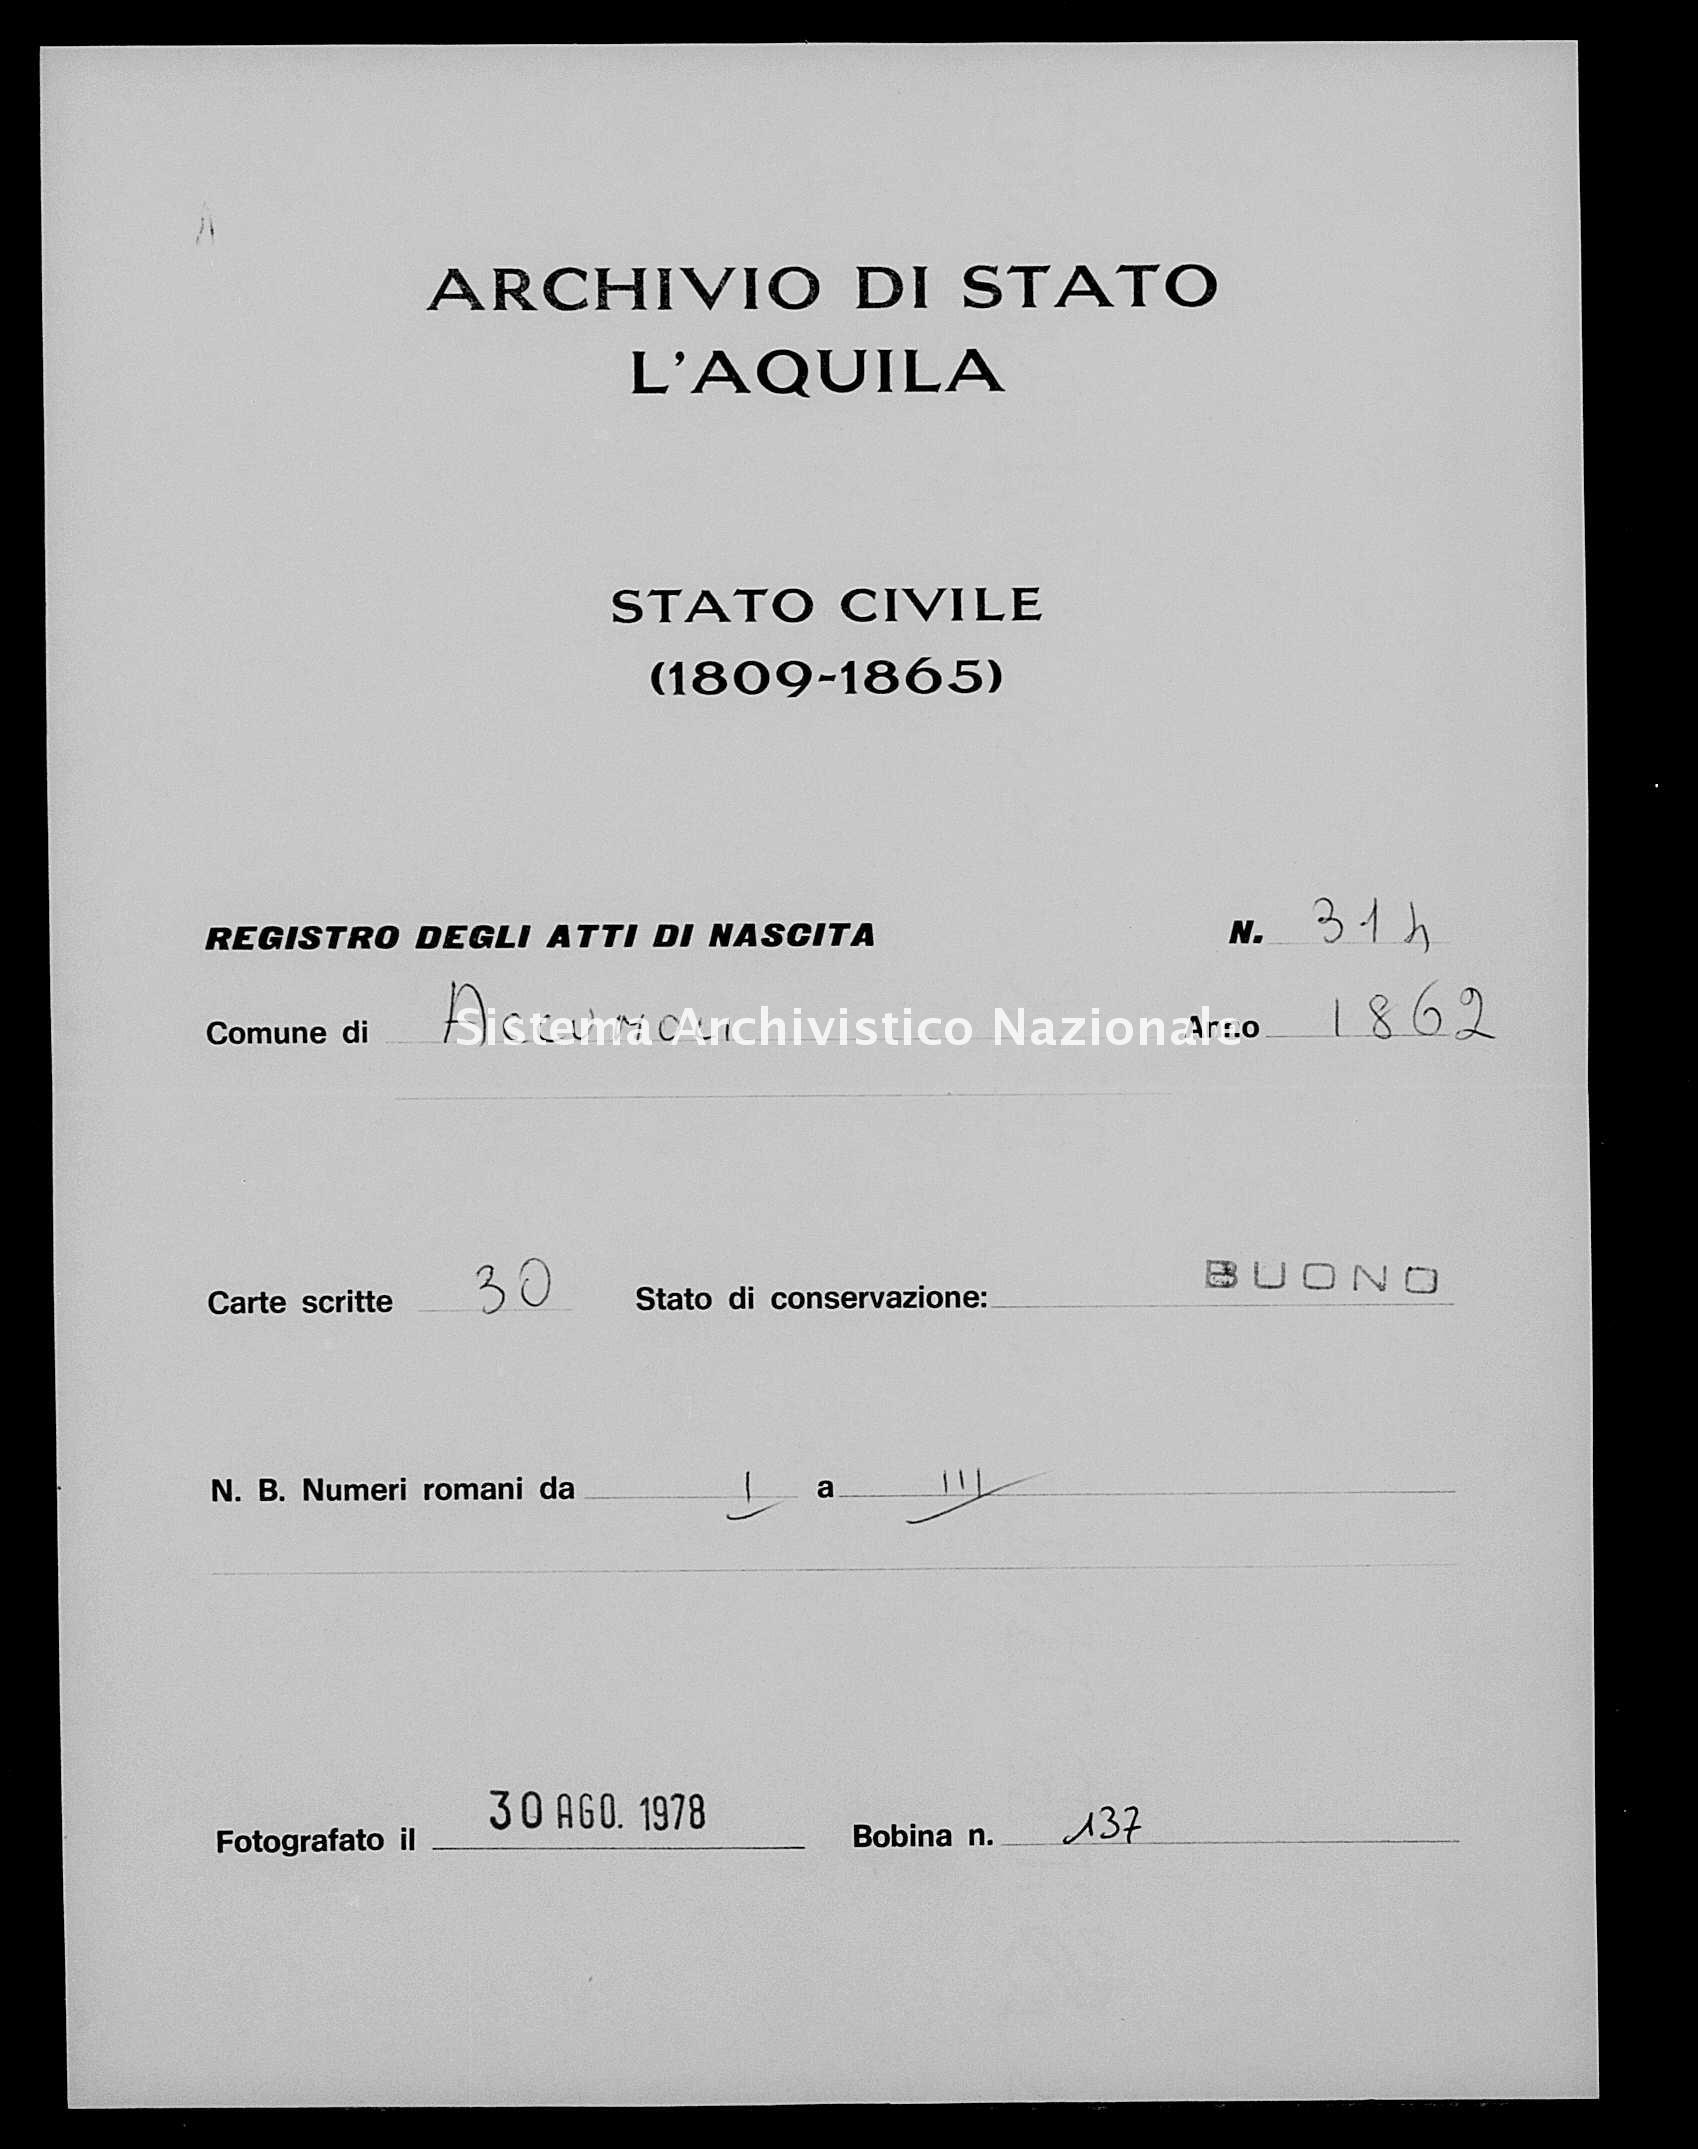 Archivio di stato di L'aquila - Stato civile italiano - Accumoli - Nati - 1862 - 314 -